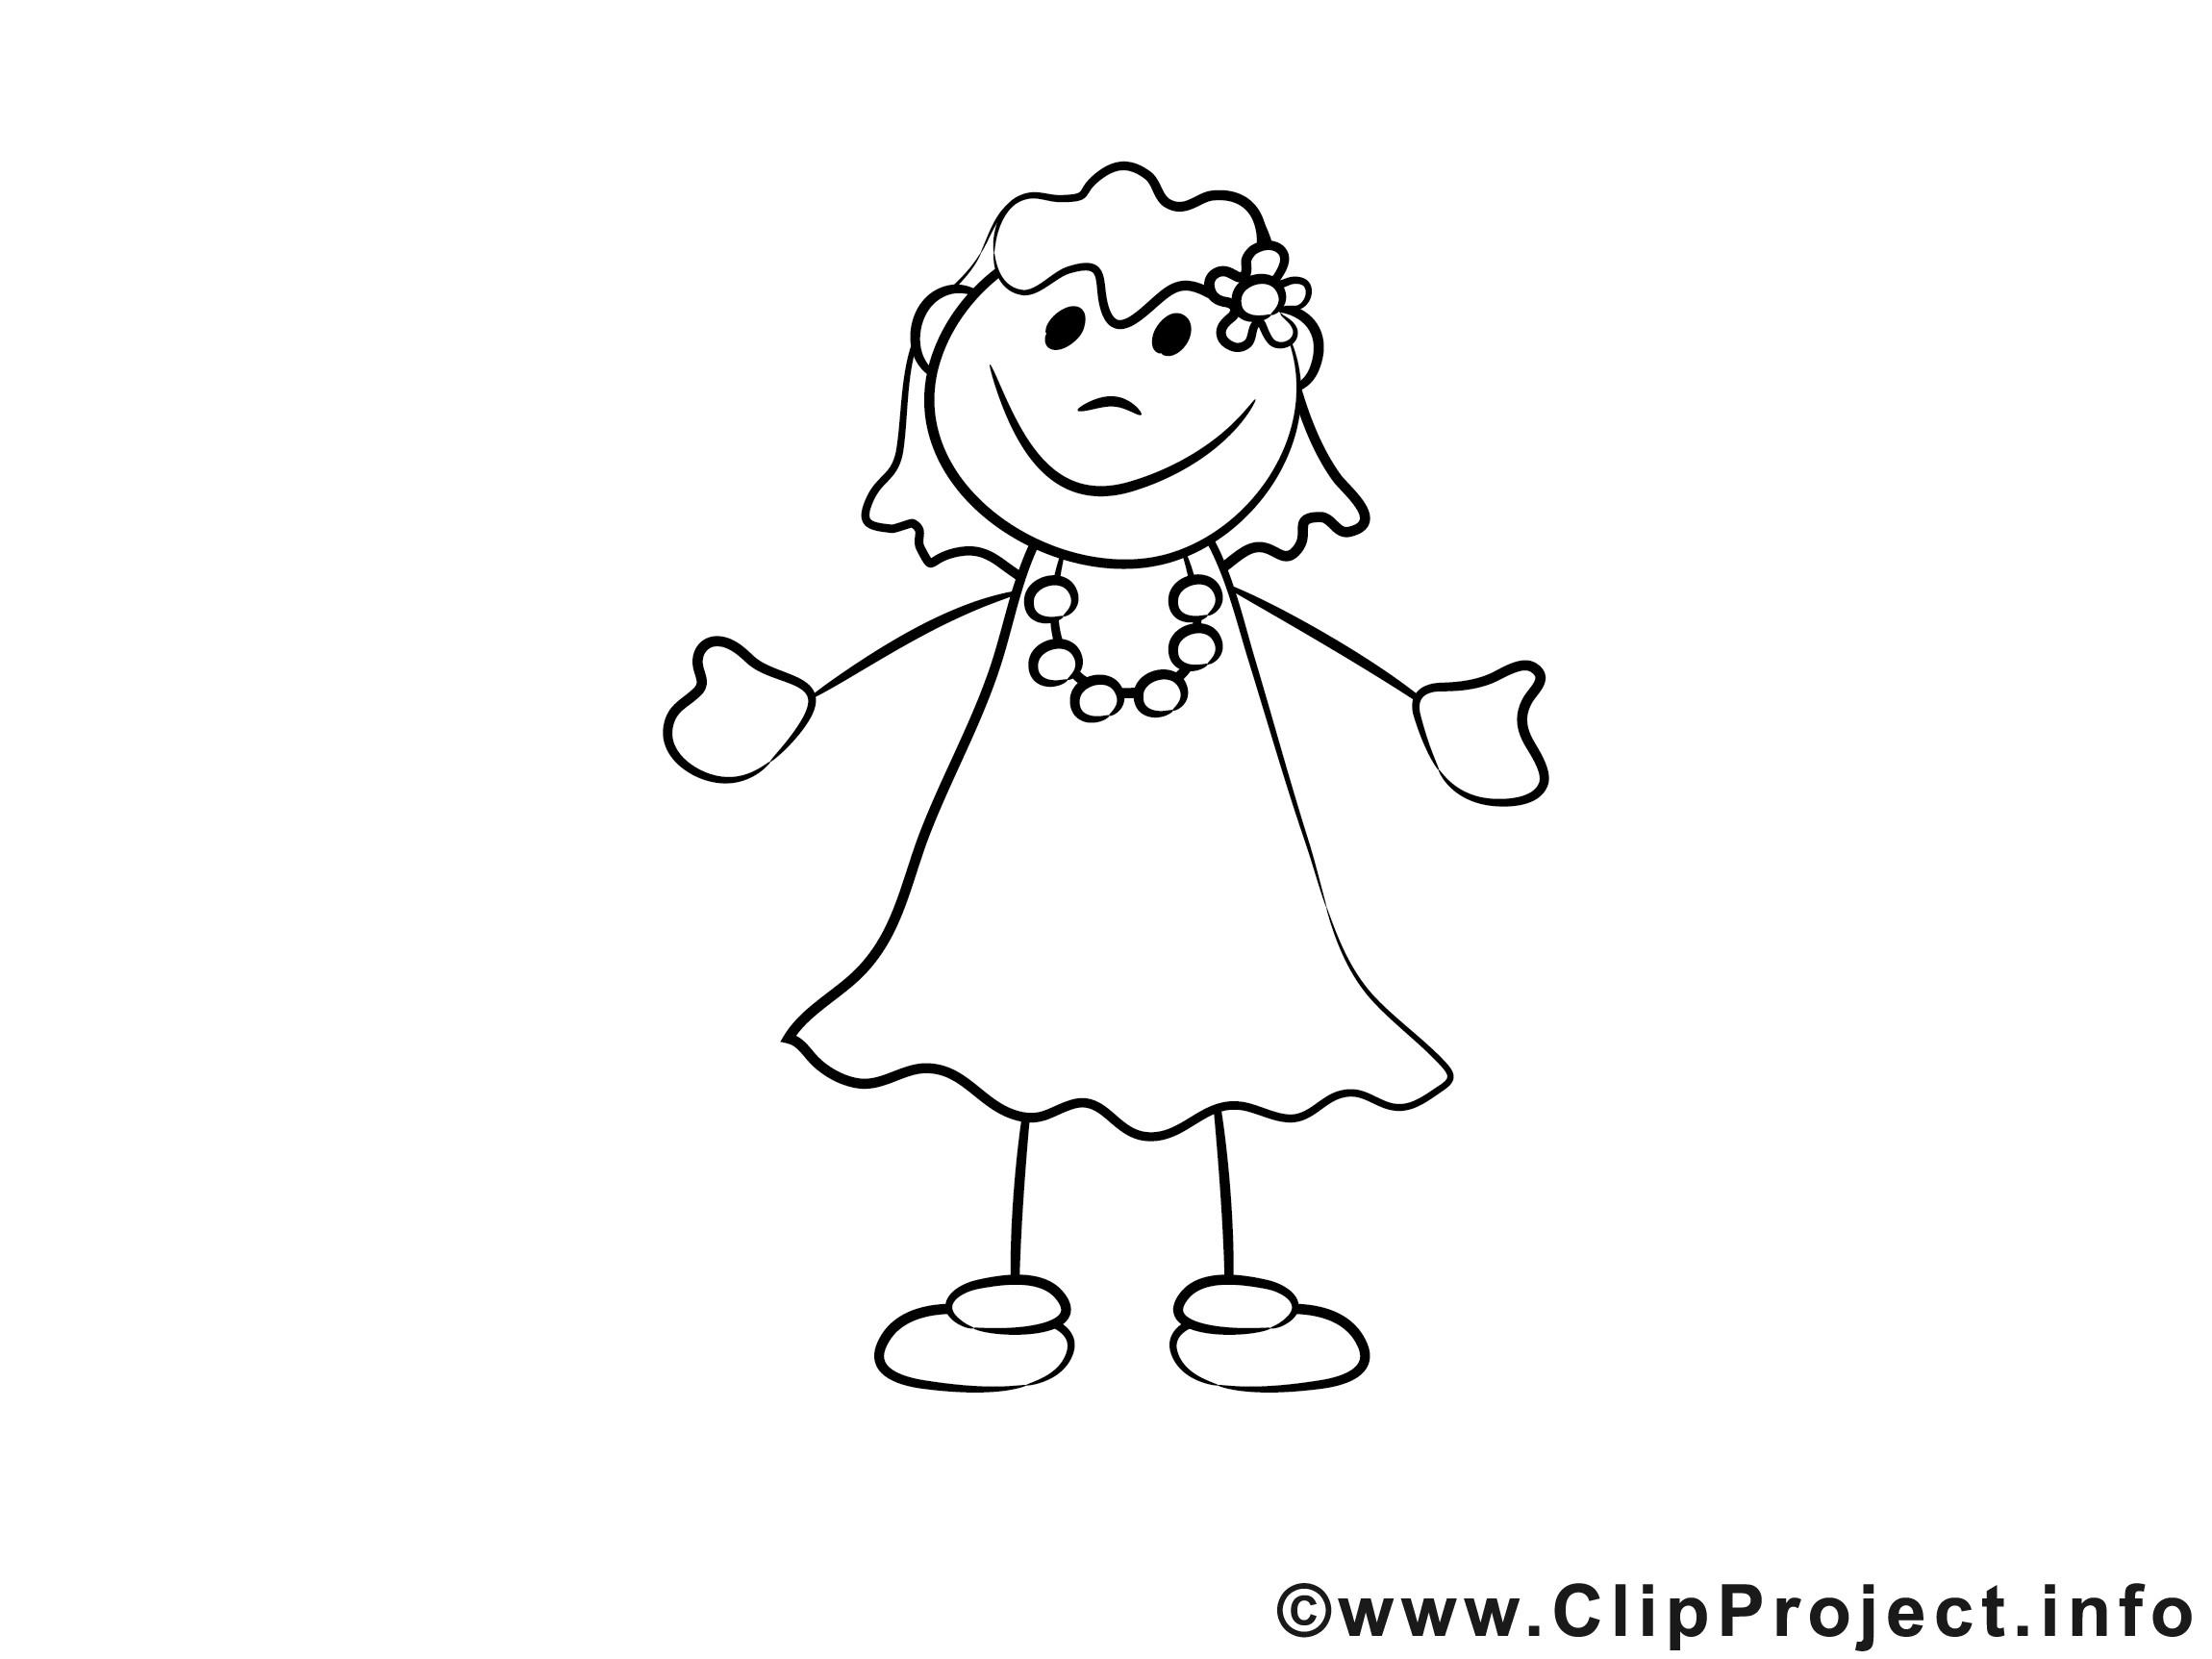 Malvorlagen Für Mädchen  Fröhliches Mädchen Ausmalbild für Kinder kostenlos ausdrucken